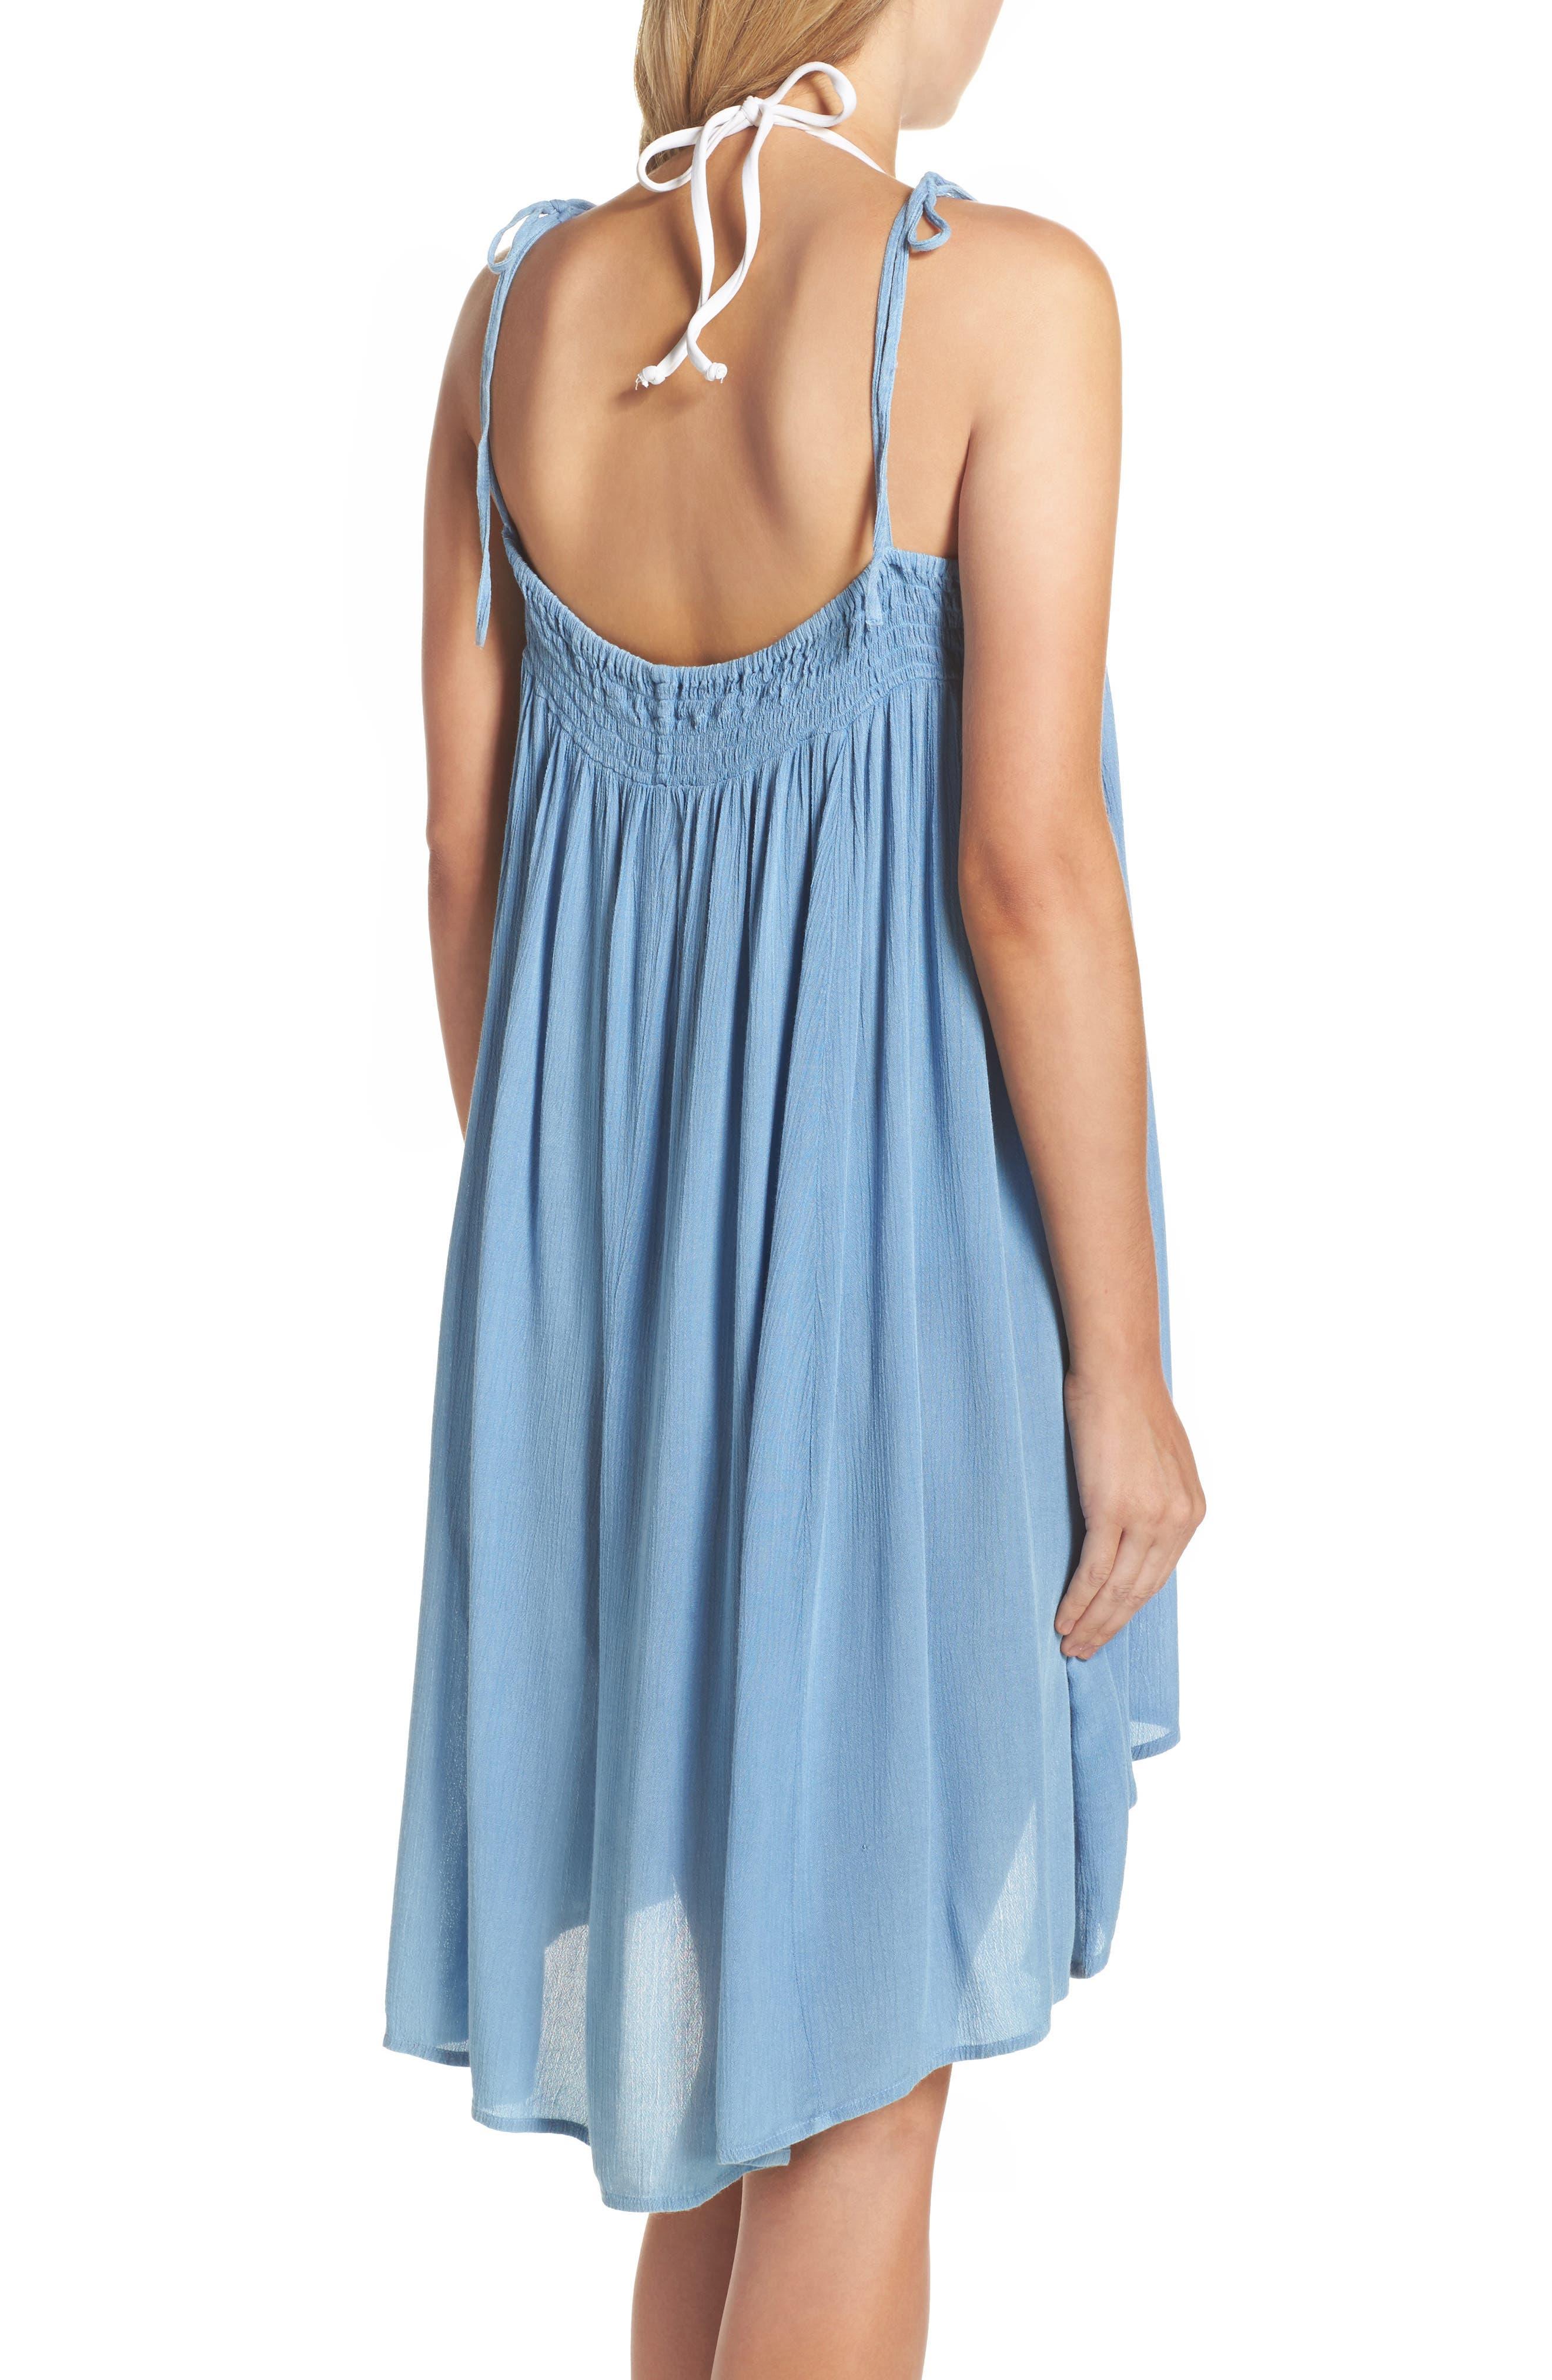 Oliva Cover-Up Dress,                             Alternate thumbnail 2, color,                             Denim